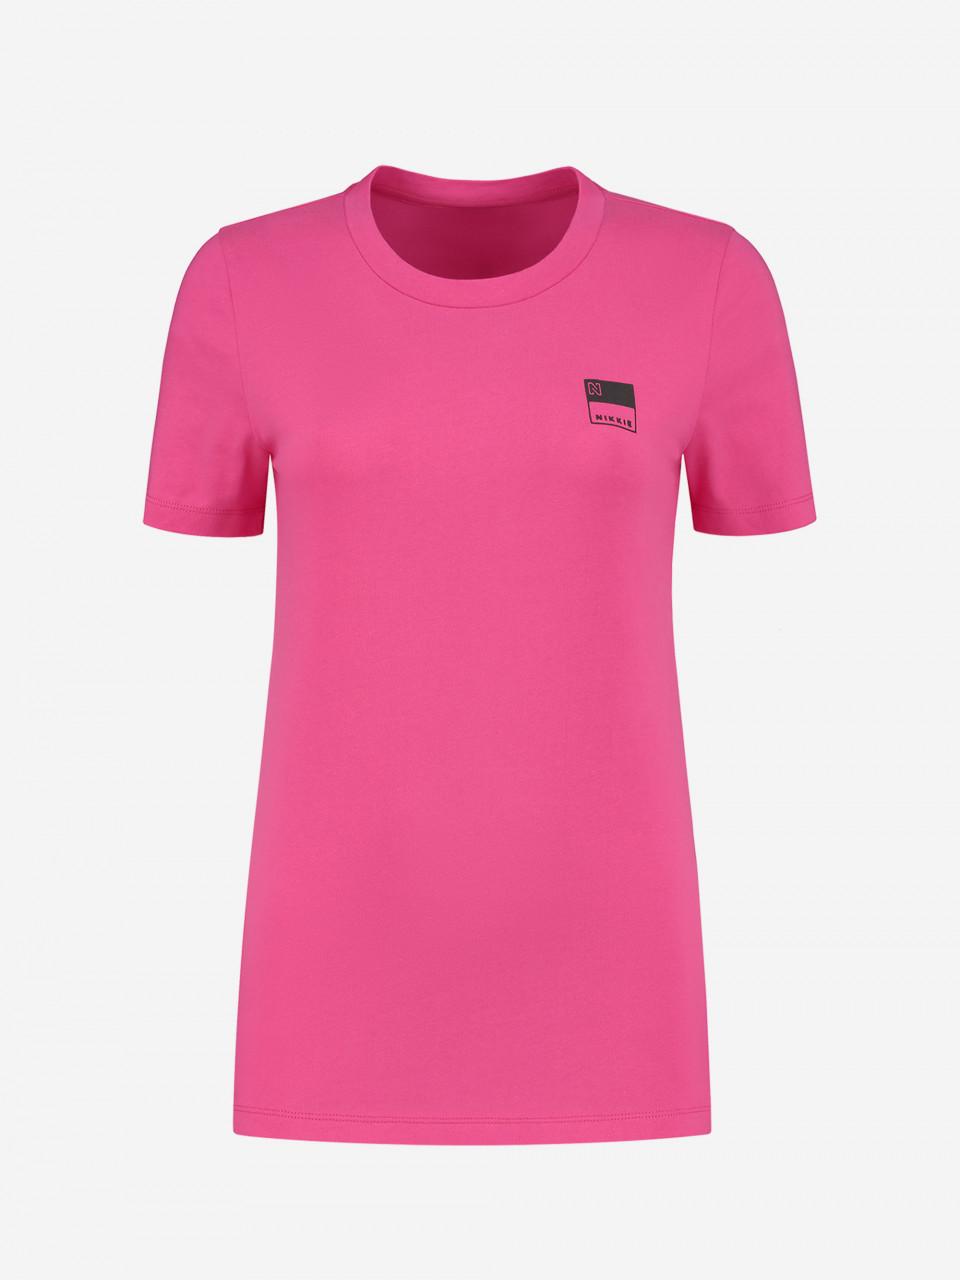 NIKKIE LOUNGEWEAR T-SHIRT MET NIKKIE-LOGO NIKKIE N T-SHIRT Pink